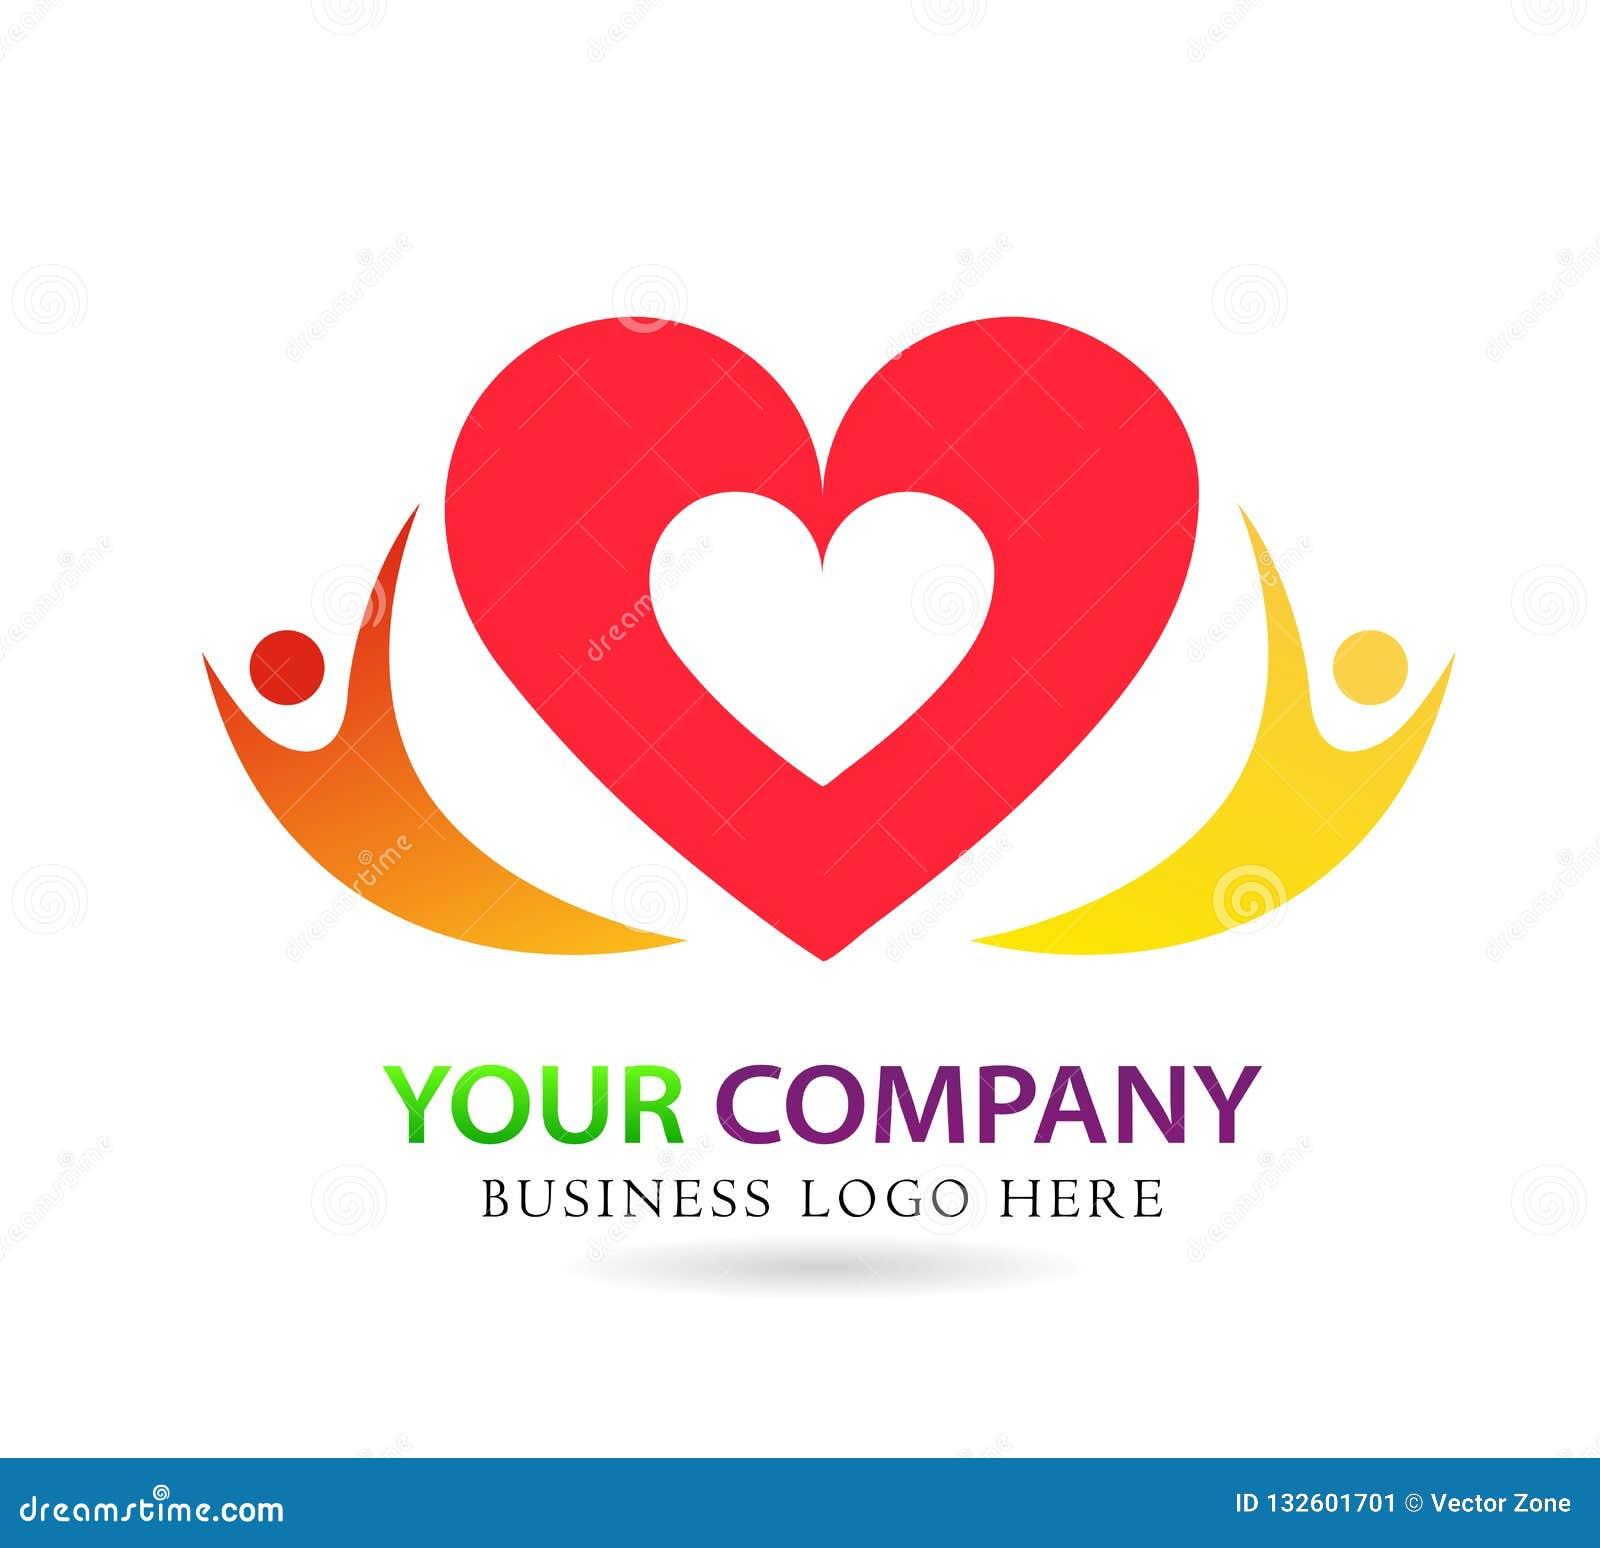 União do cuidado do amor da família no sinal vermelho do elemento do ícone do logotipo do conceito da empresa do coração no fundo